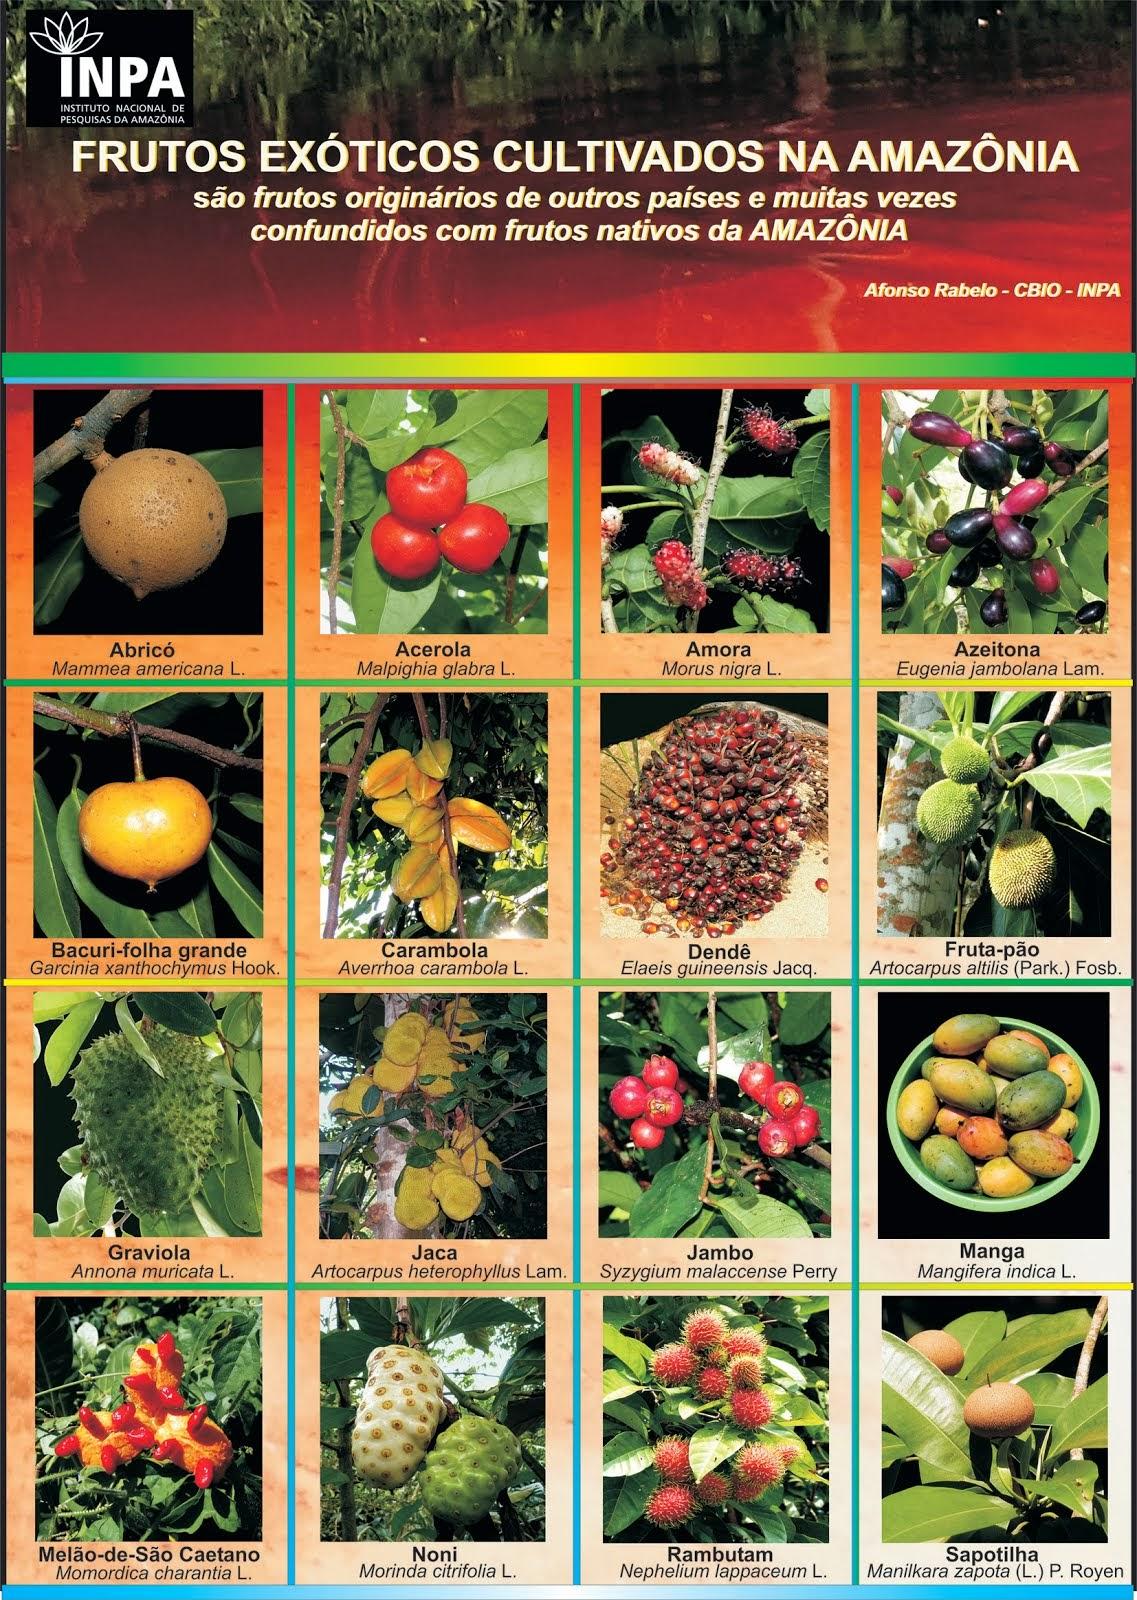 Frutos exóticos cultivados na Amazônia